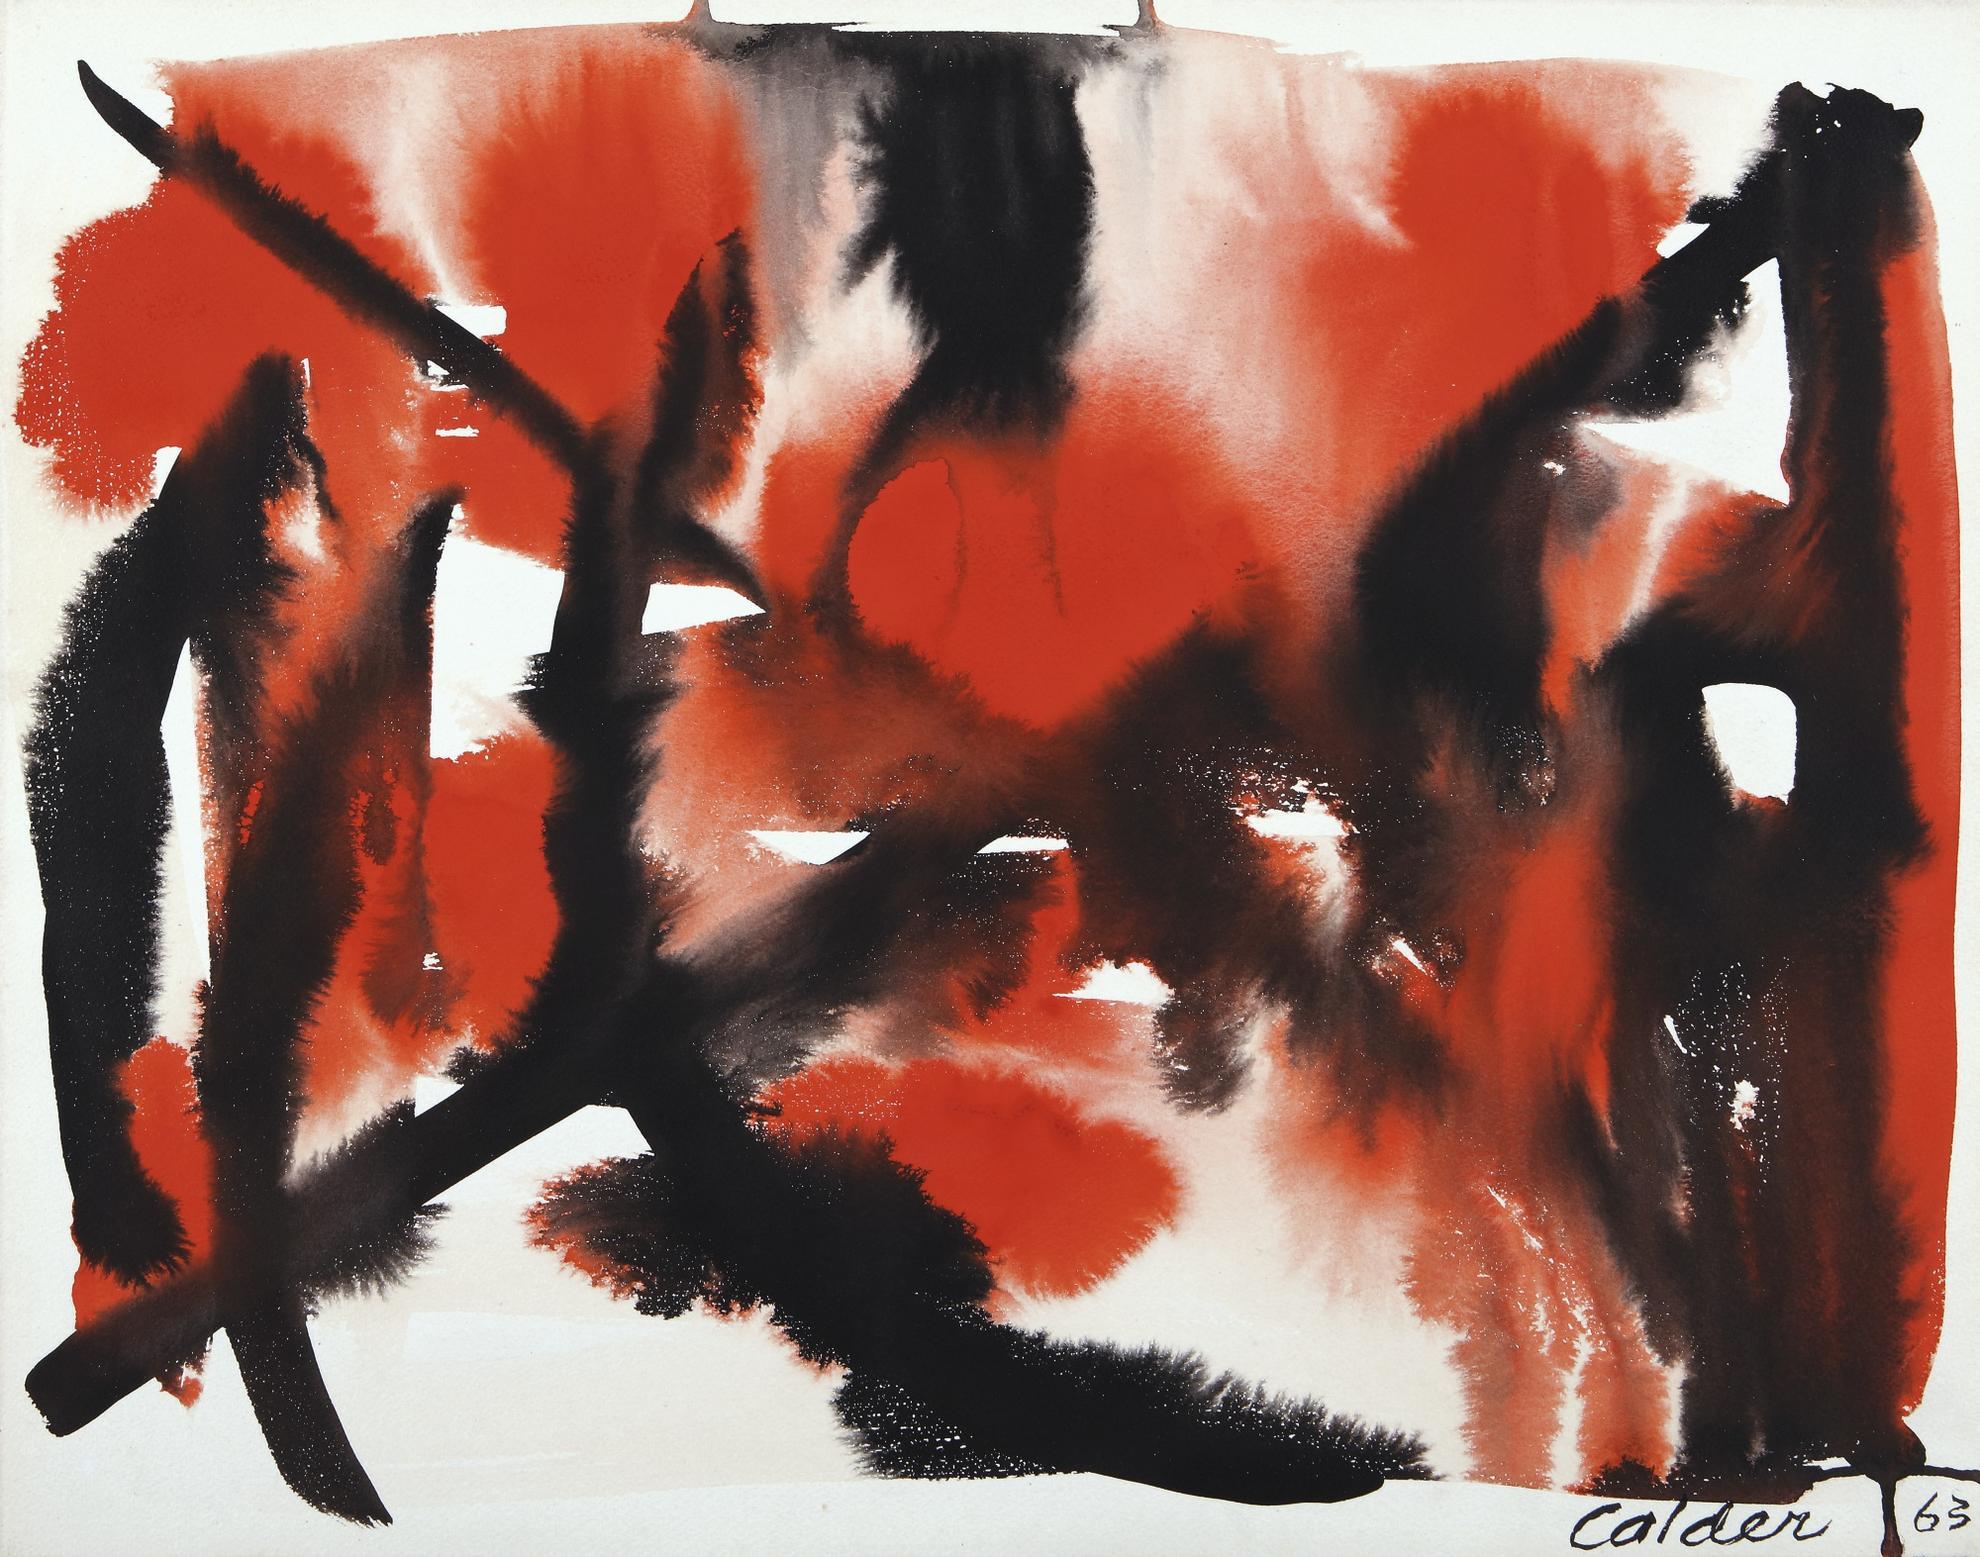 Alexander Calder-Cross Roads-1963